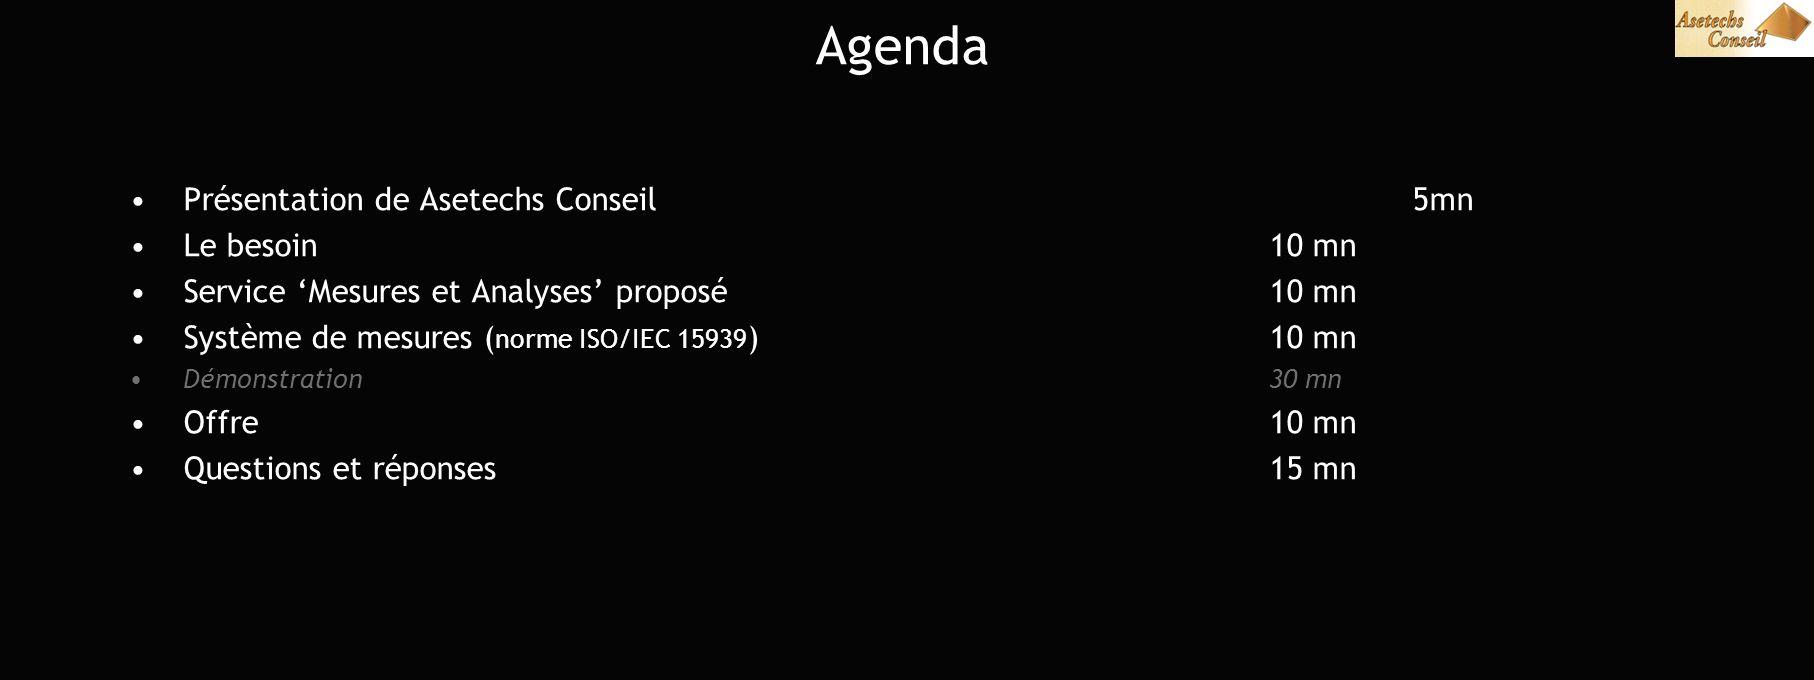 Agenda Présentation de Asetechs Conseil5mn Le besoin 10 mn Service Mesures et Analyses proposé10 mn Système de mesures ( norme ISO/IEC 15939 )10 mn Démonstration30 mn Offre 10 mn Questions et réponses15 mn